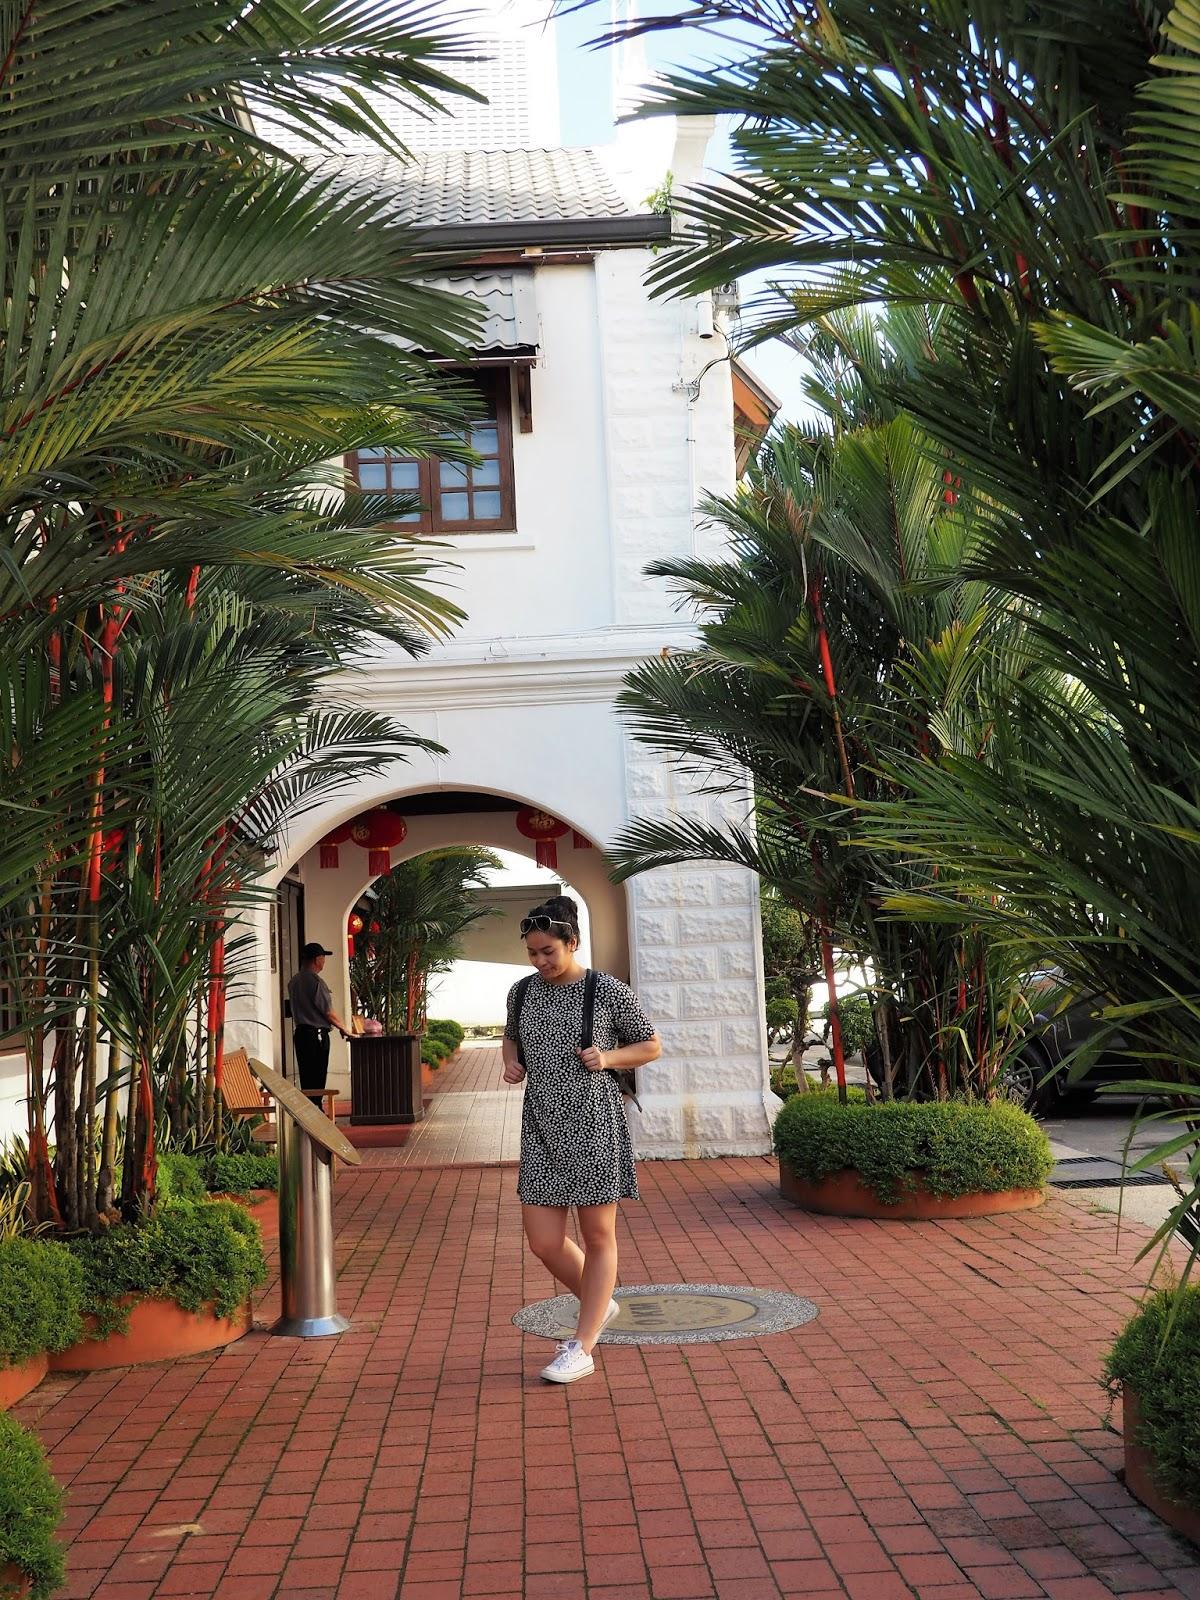 Malaysia Kota Kinabalu OOTD Tourism Gaya Street Converse jalan gaya